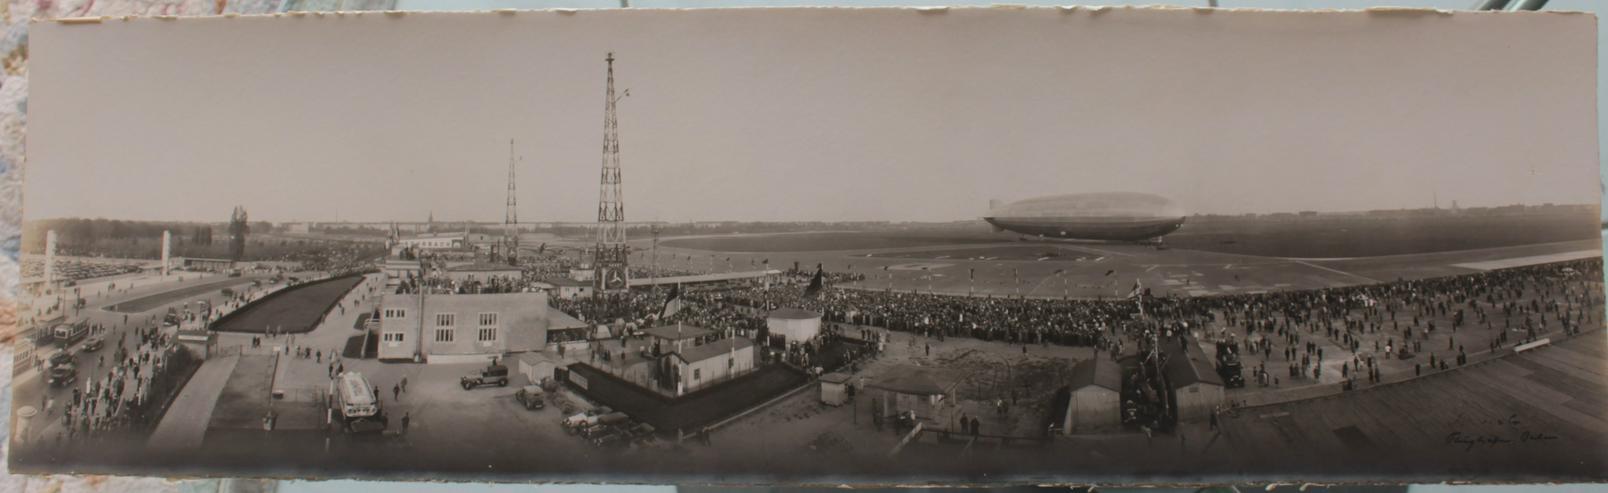 """altes Foto Flughafen Berlin mit Luftschiff """"Graf Zeppelin"""""""